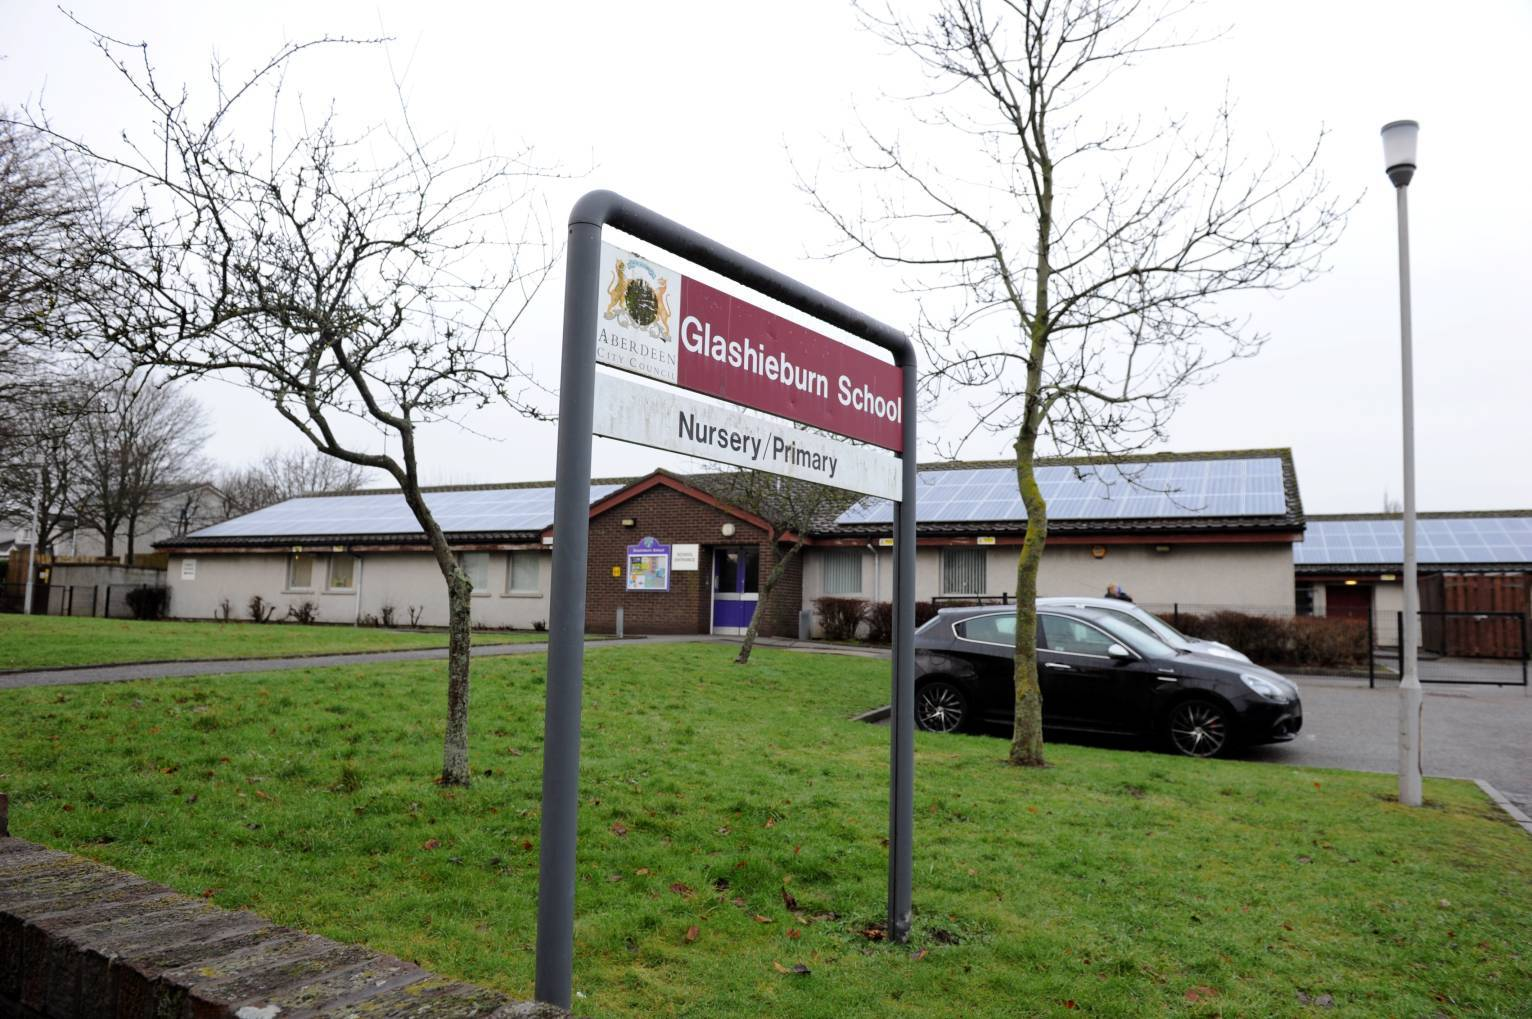 Glashieburn Primary School